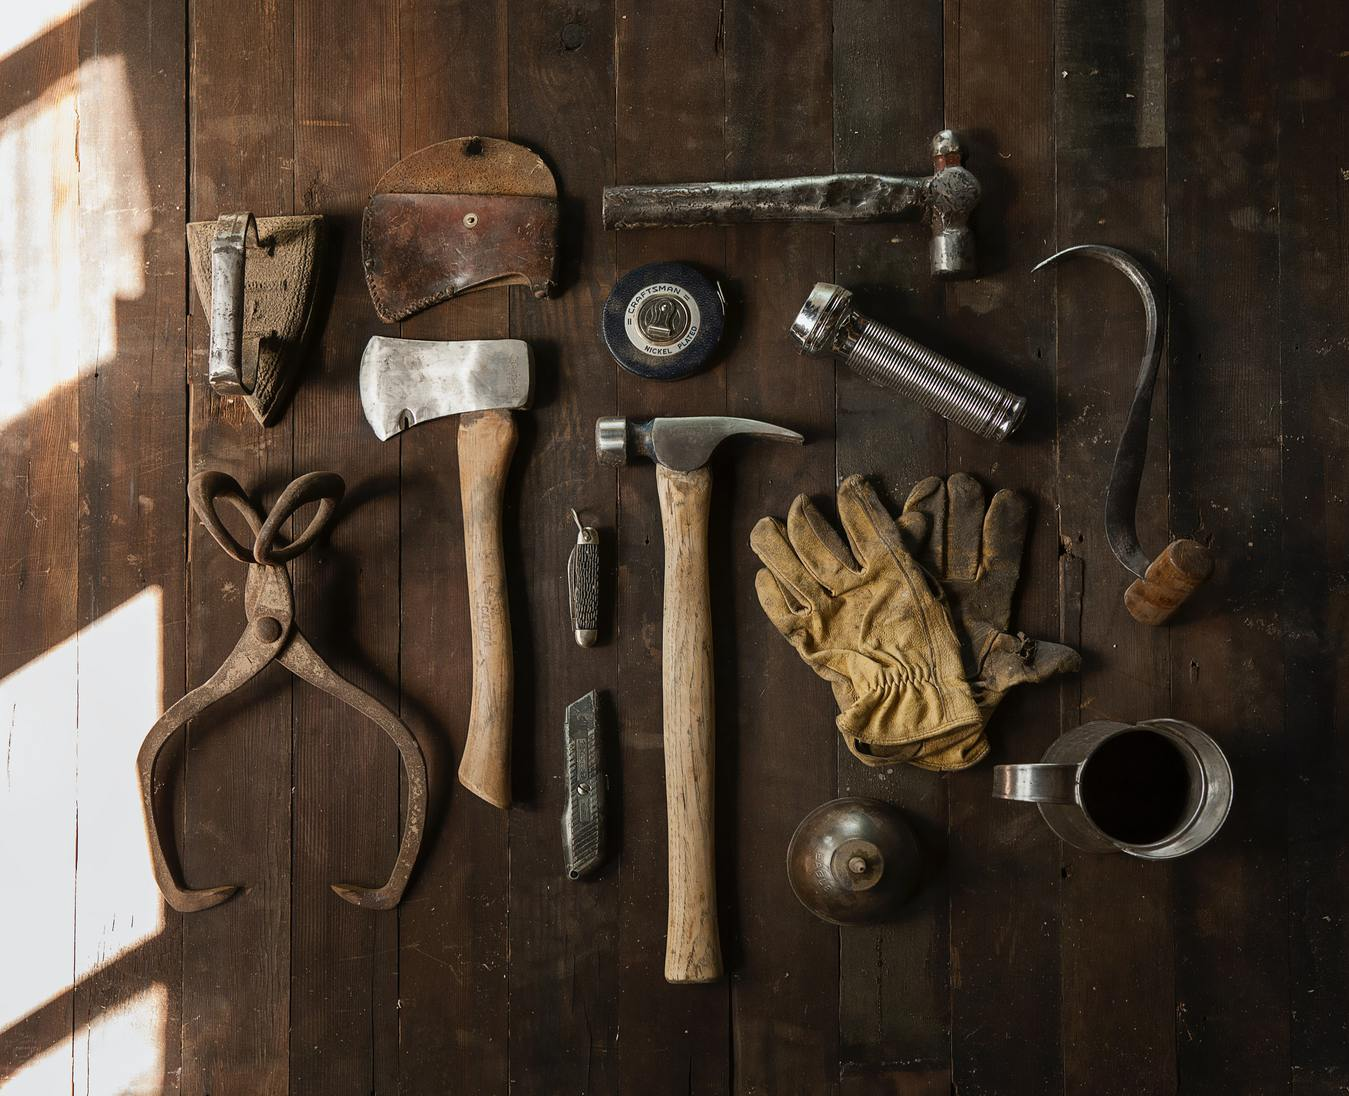 meubelmaker tools op een houten achtergrond